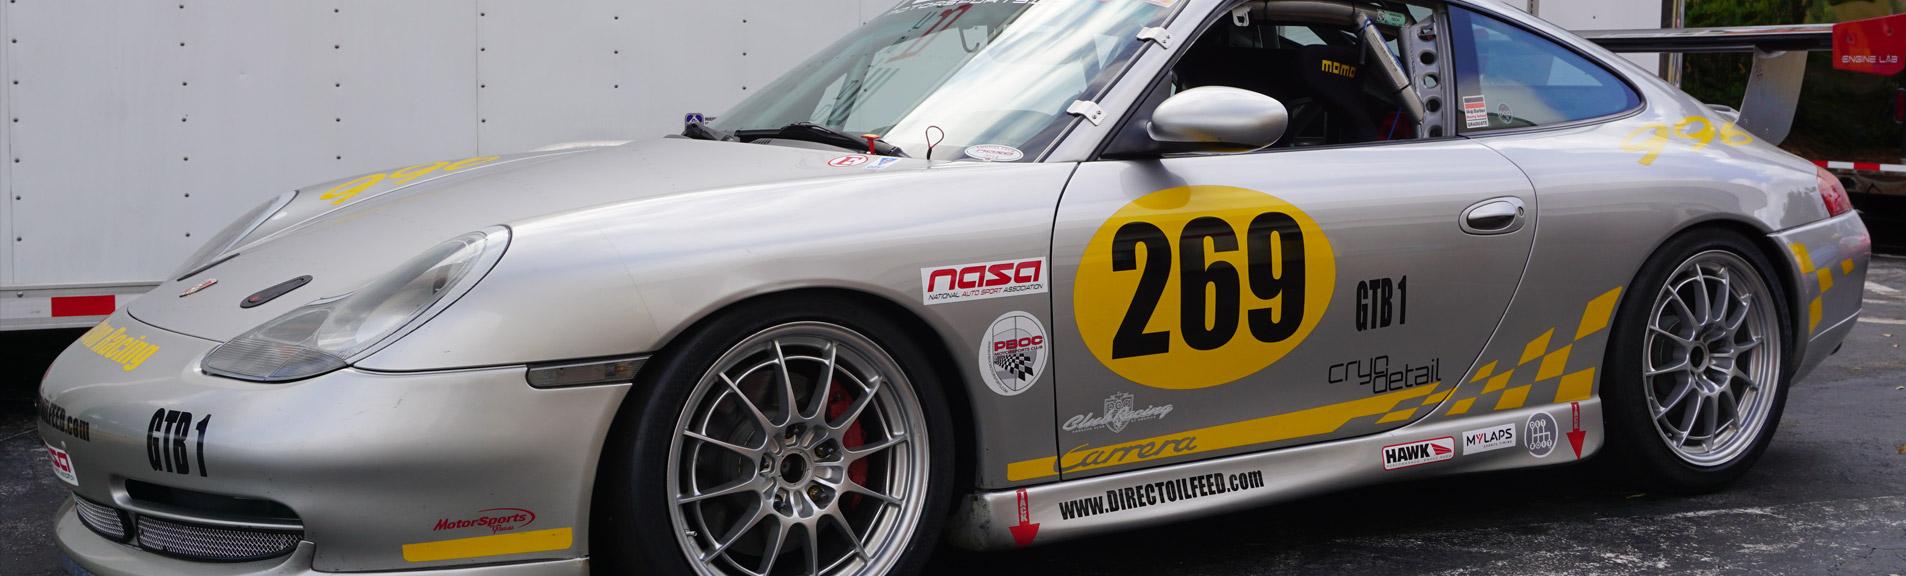 1999 Porsche 996 Carrera Racer (Sold) – TuneRS Motorsports